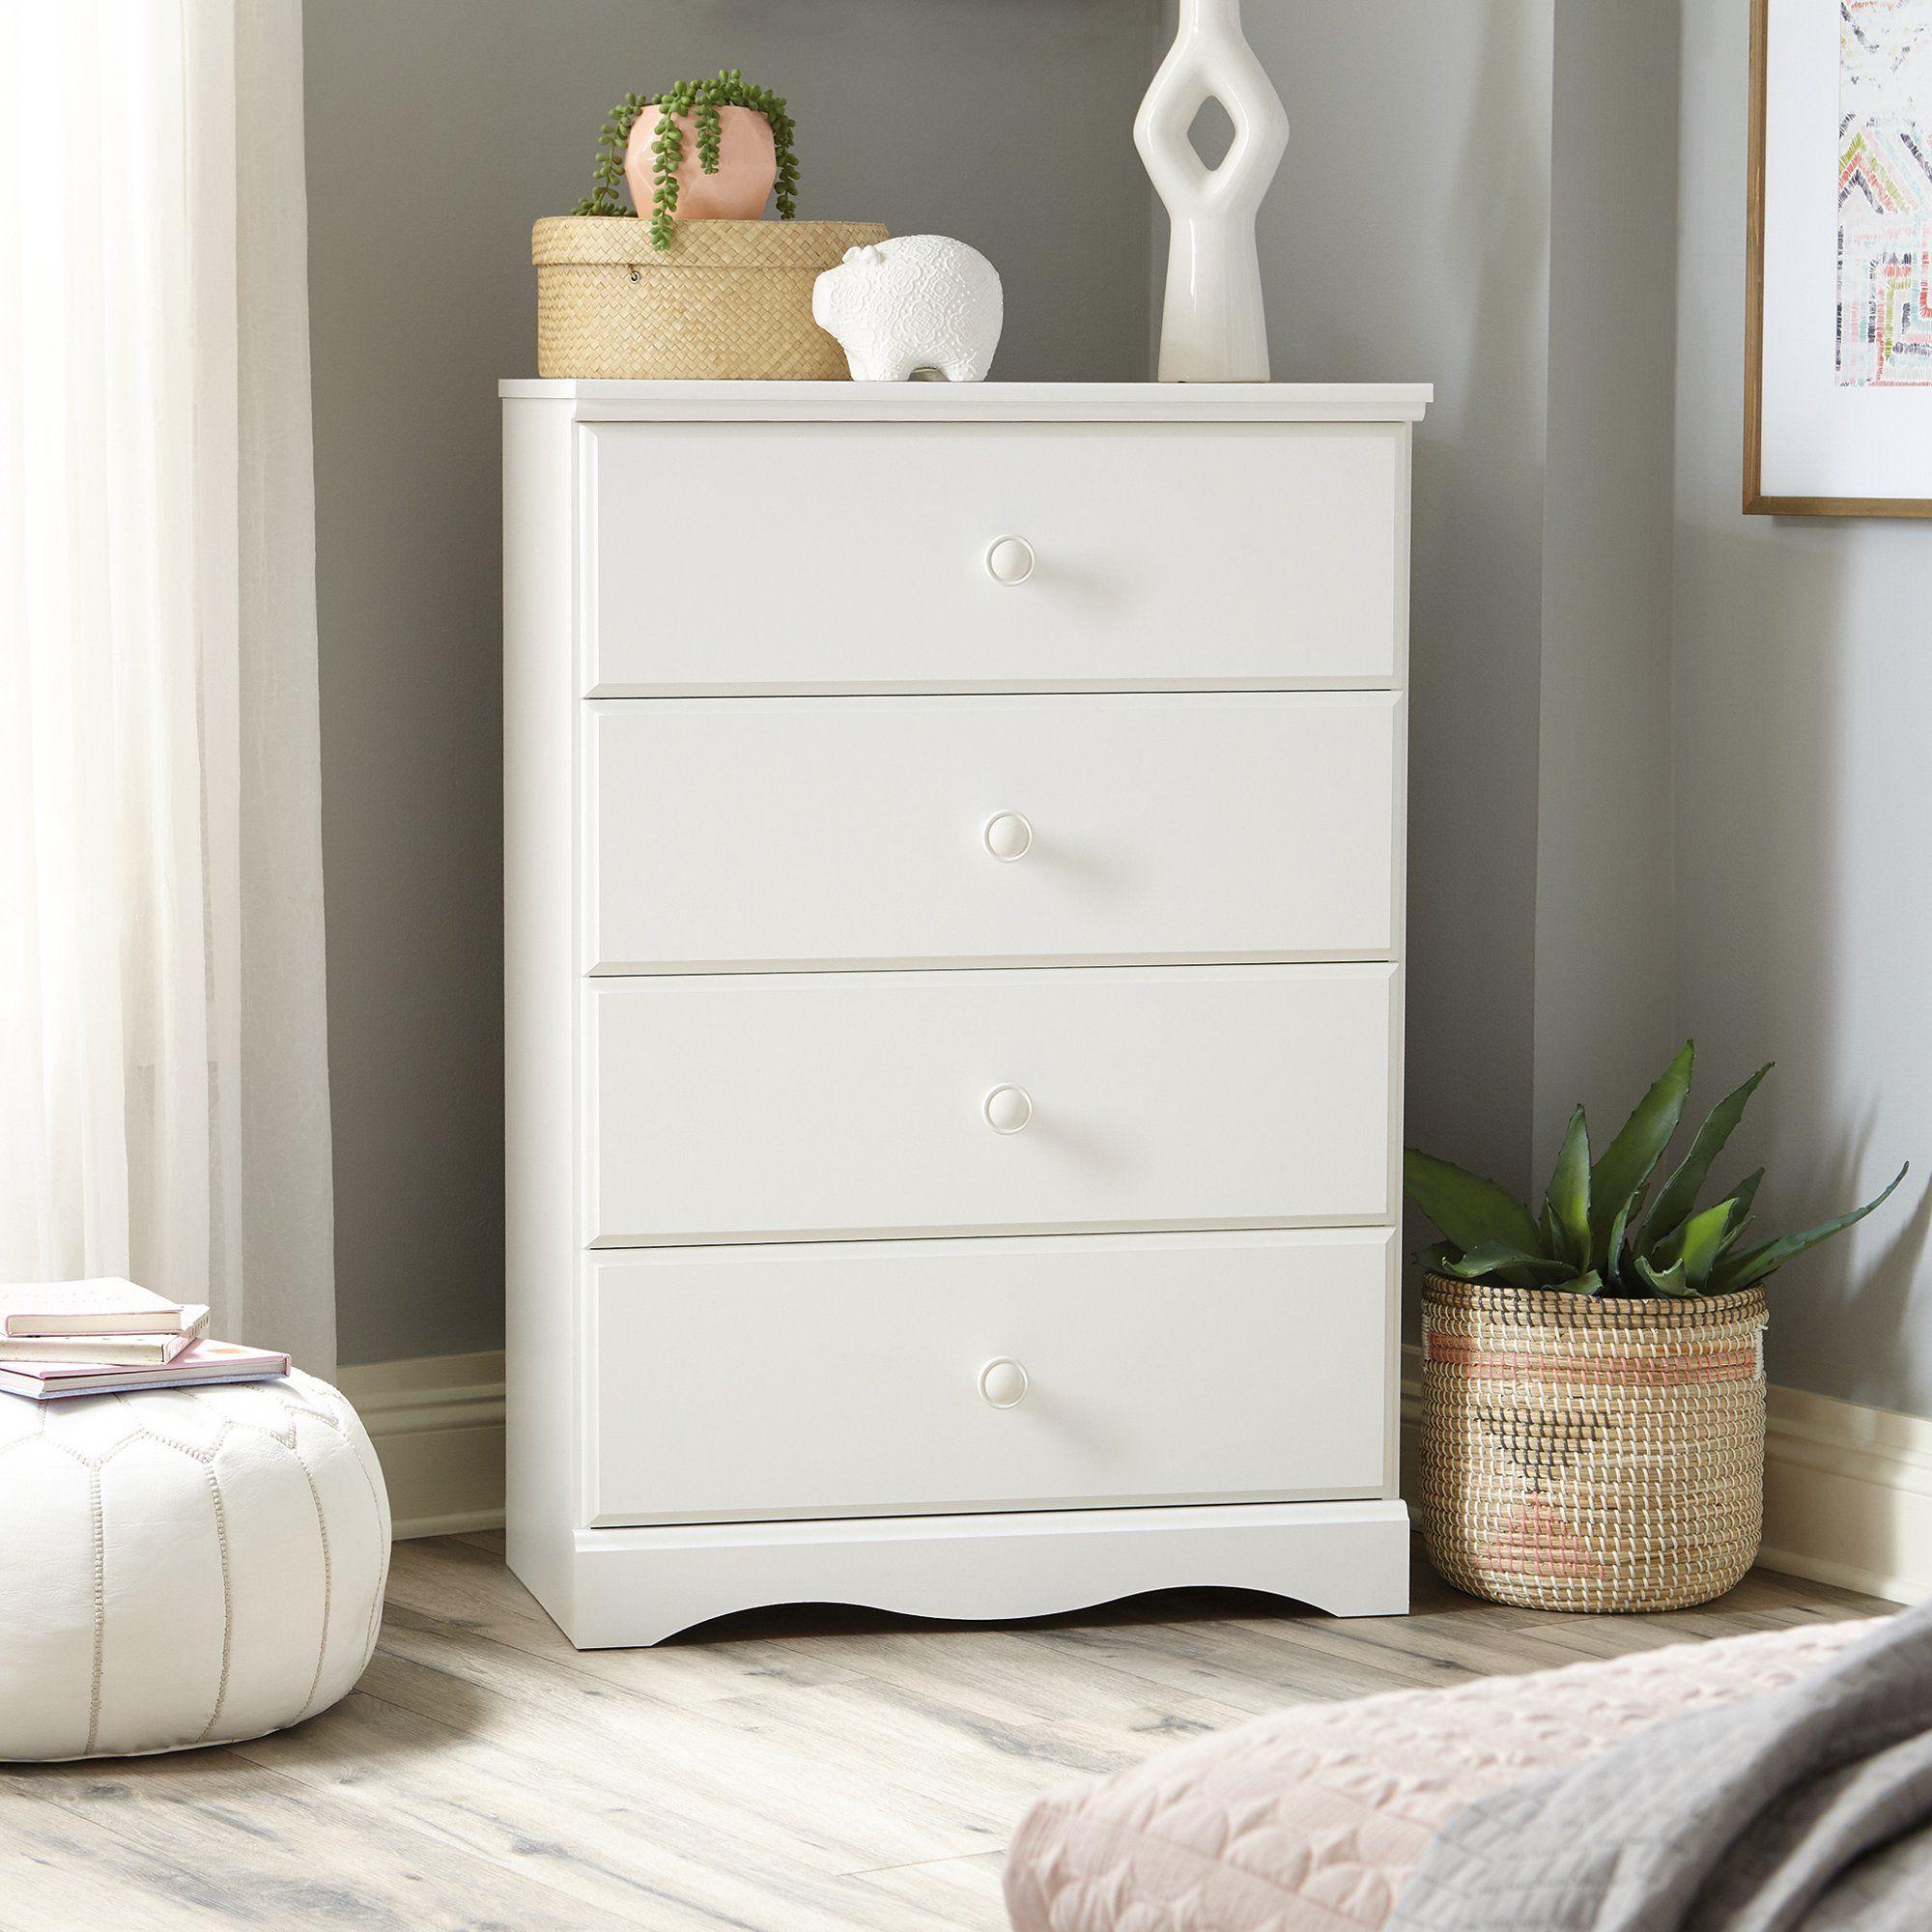 Sauder Storybook 4 Drawer Dresser Soft White Walmart Com 4 Drawer Dresser Modern Storage Furniture Furniture [ 2000 x 2000 Pixel ]